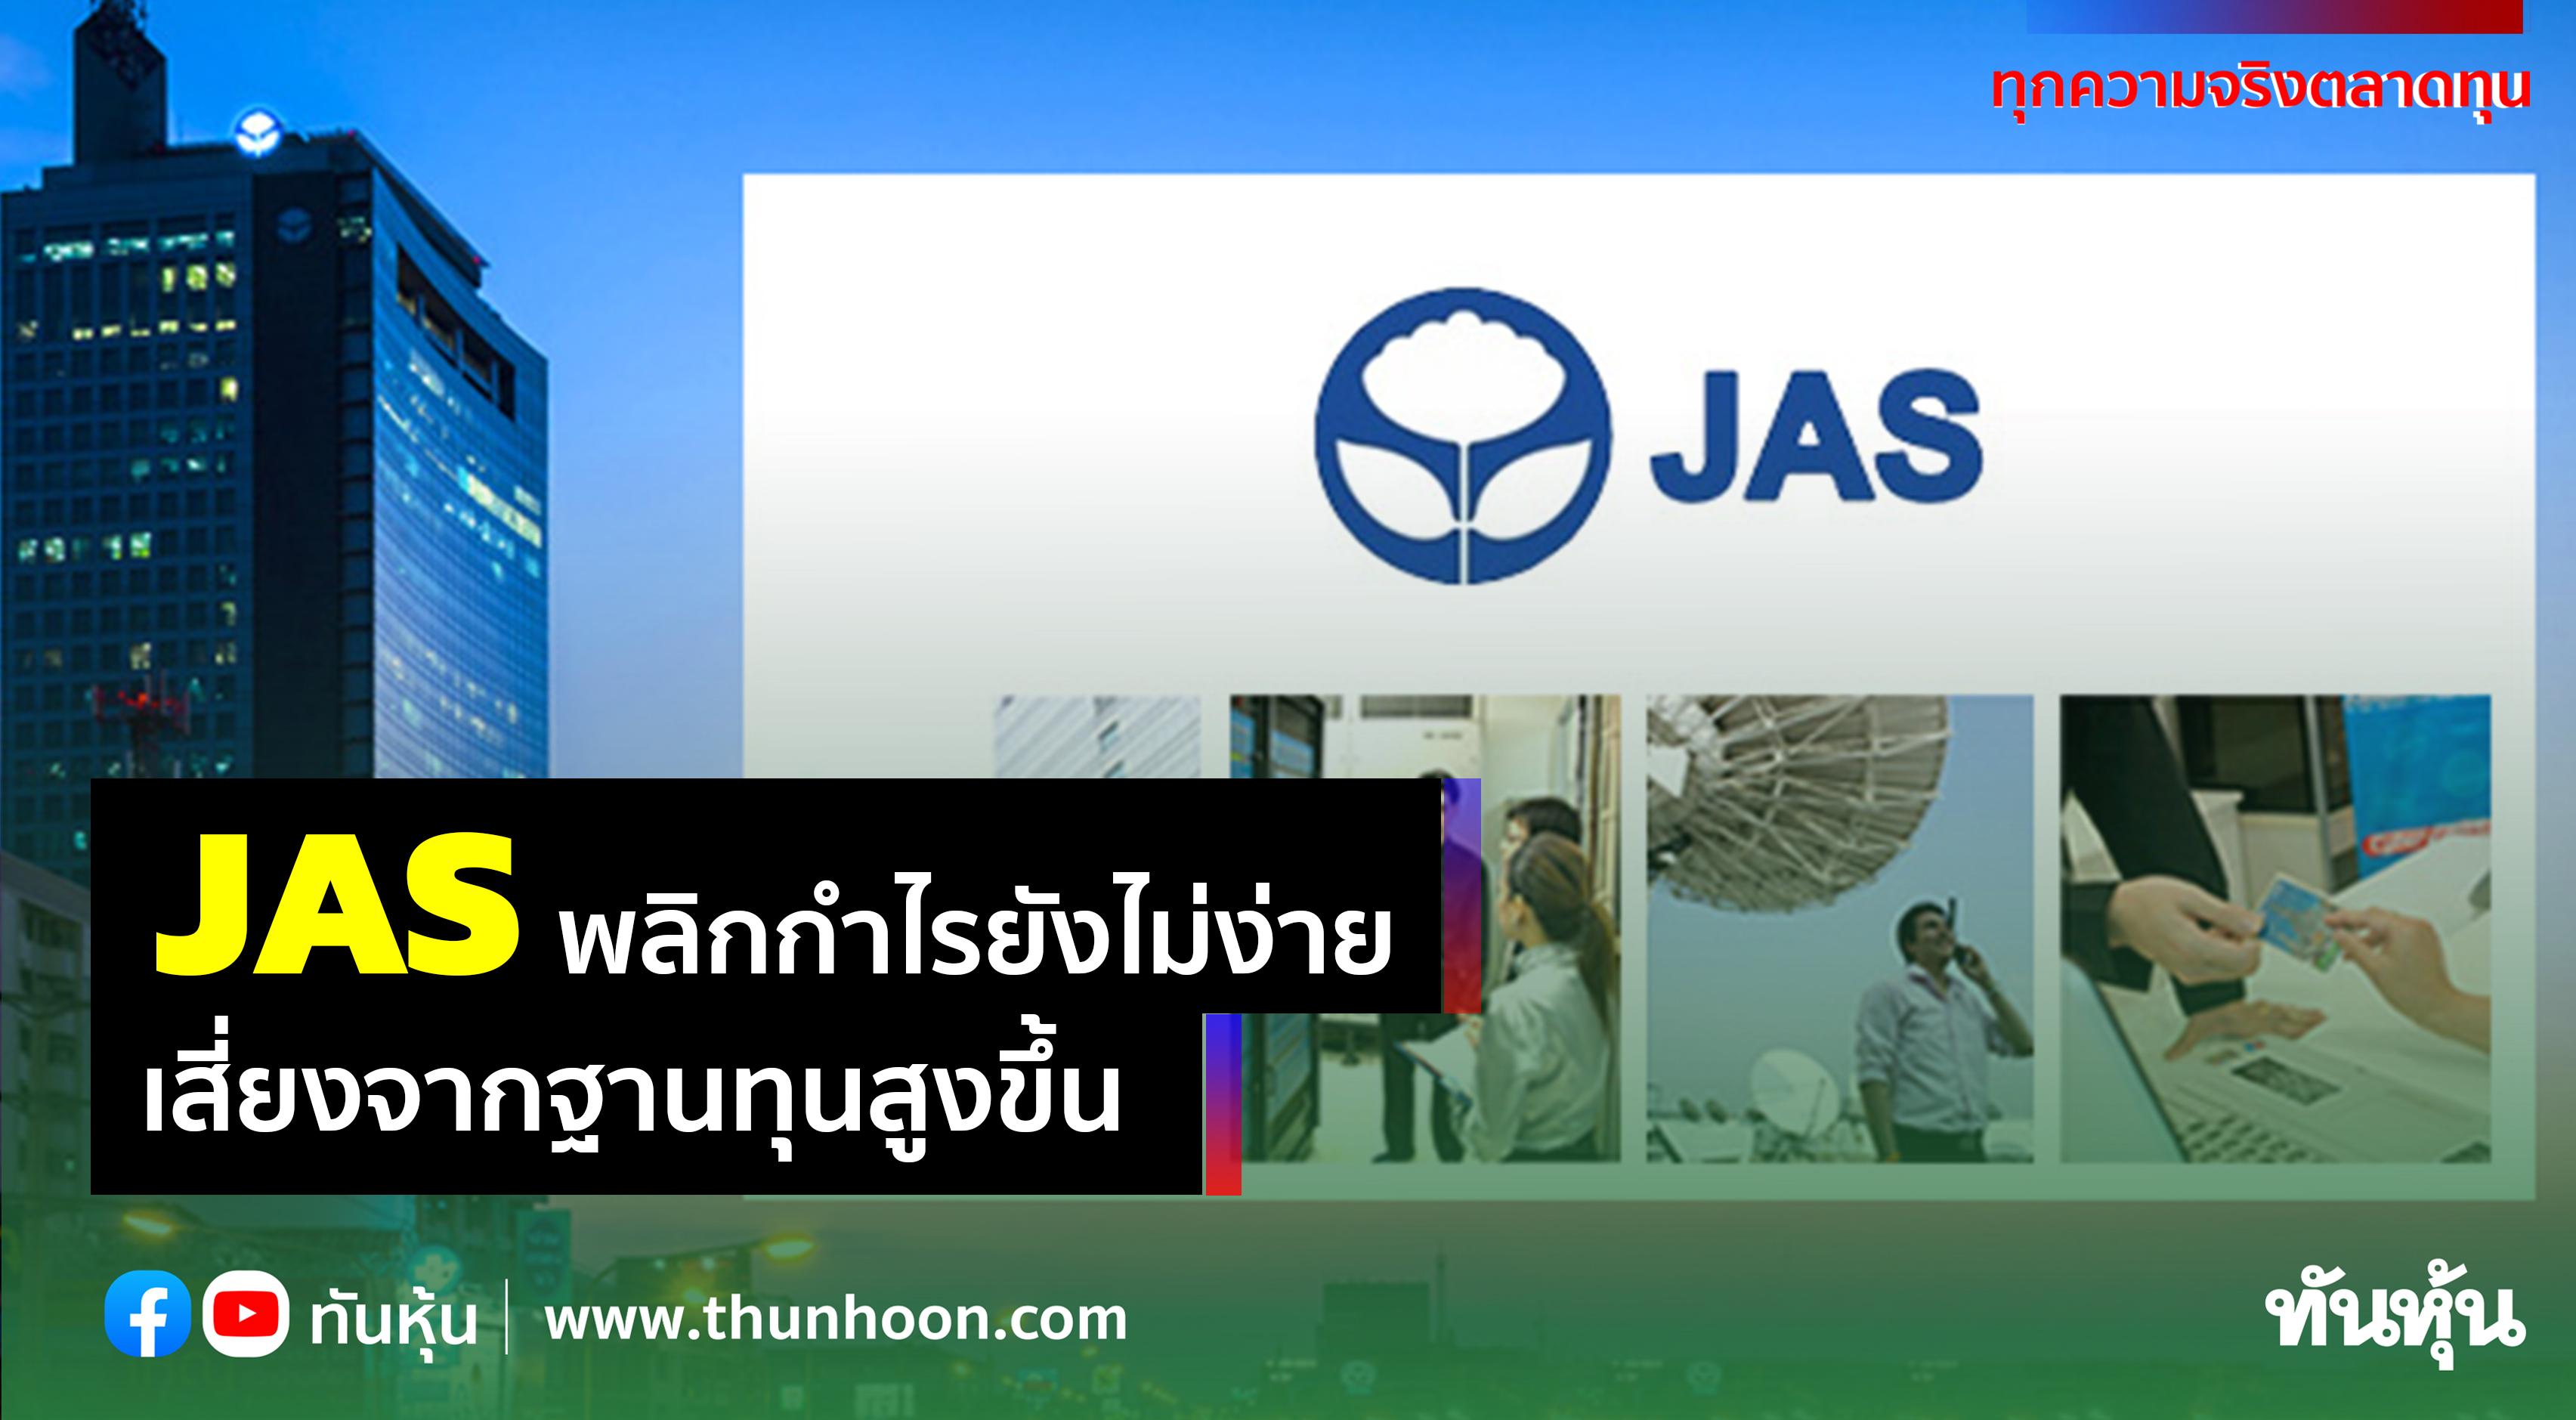 JAS พลิกกำไรยังไม่ง่าย เสี่ยงจากฐานทุนสูงขึ้น